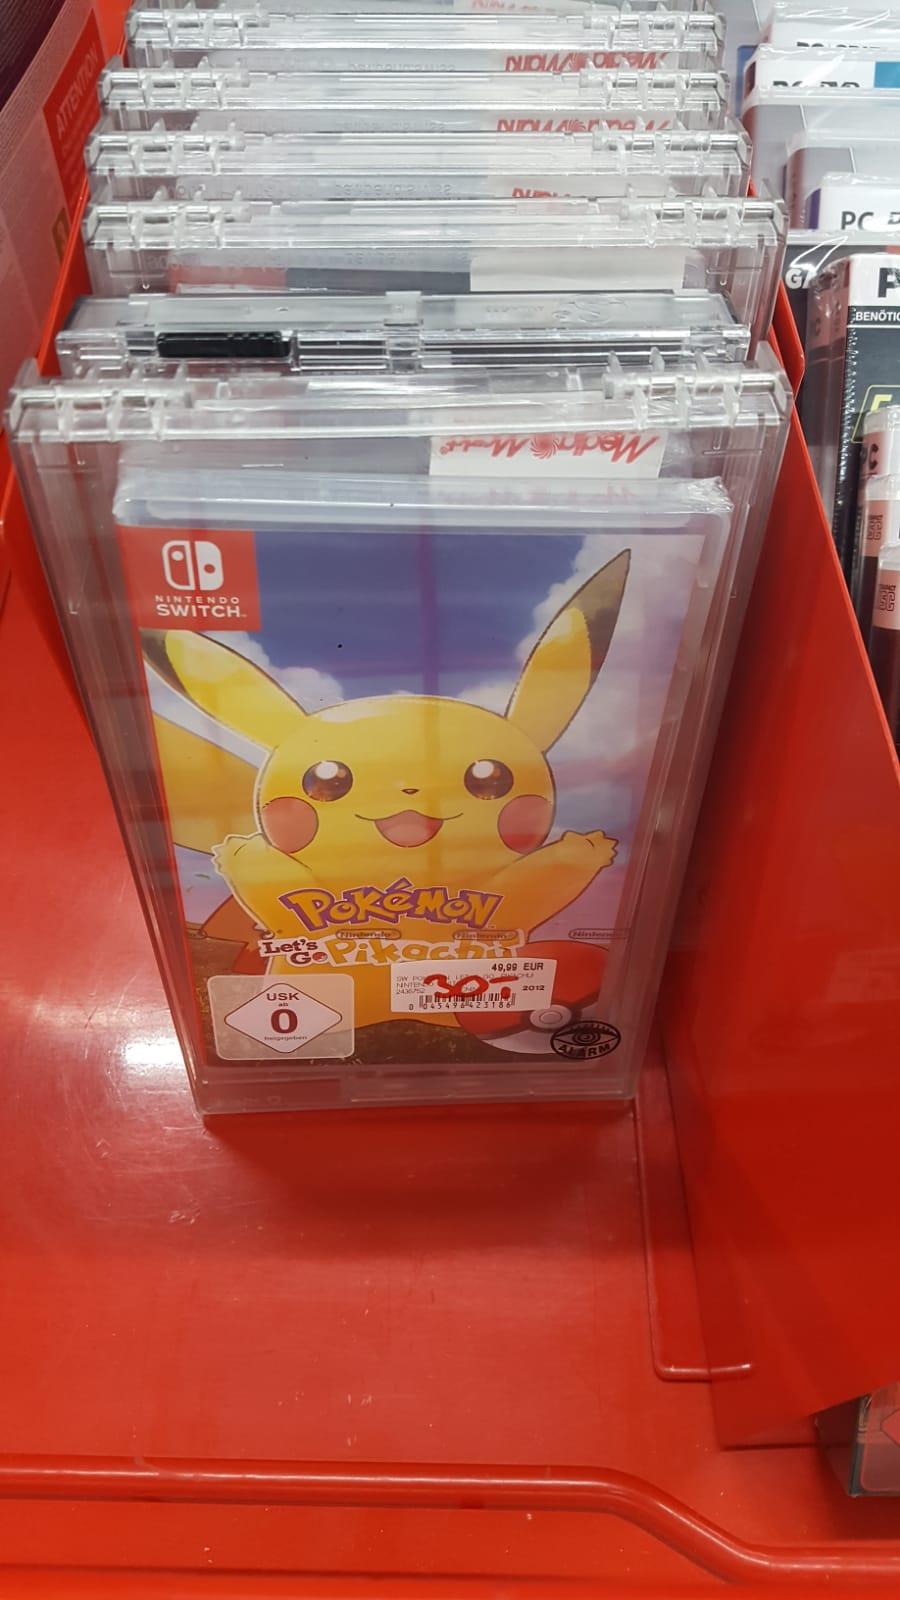 [Lokal MM Weil] Switch Spiele (Pokemon Let's Go Pikachu, Overwatch, etc) im Angebot